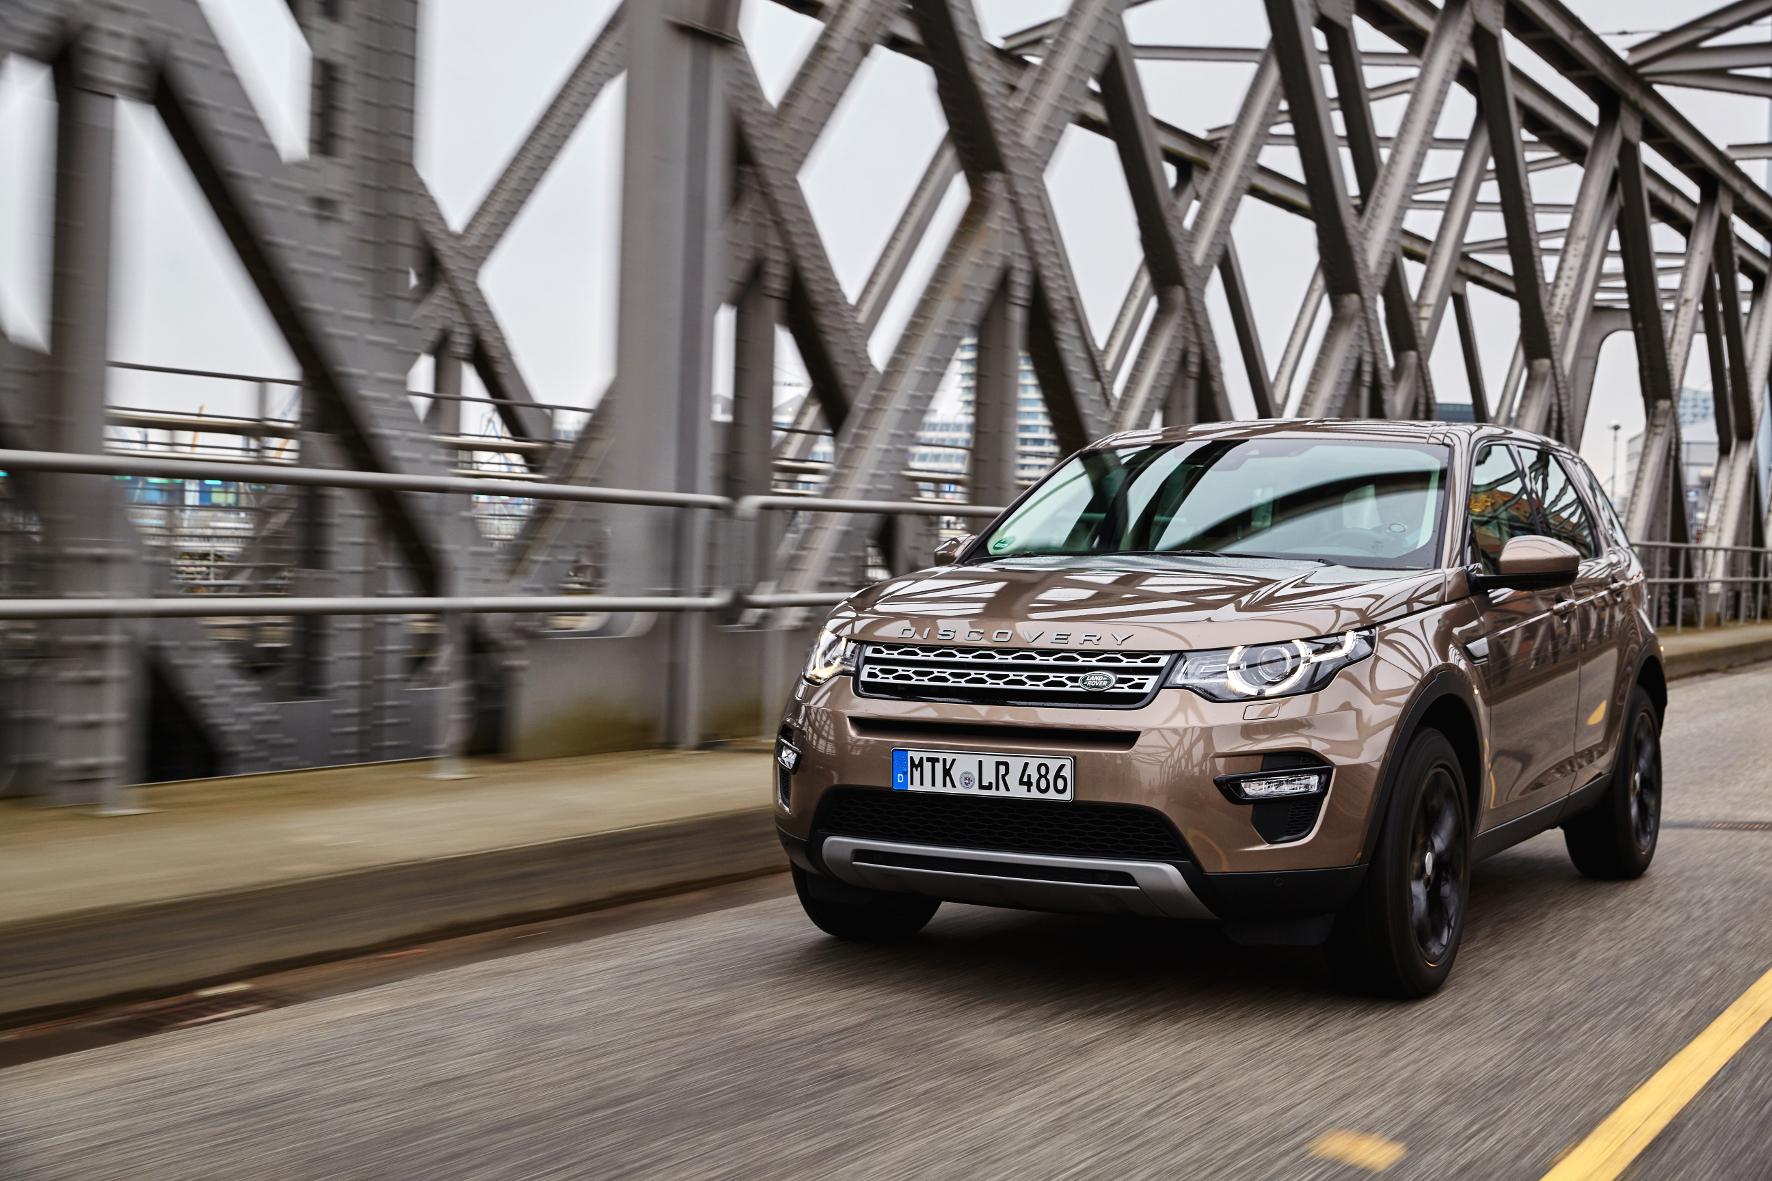 mid Groß-Gerau - Der Discovery Sport passt in Sachen Design genau in die Land Rover-Familie aus Evoque, Discovery und Range Rover.